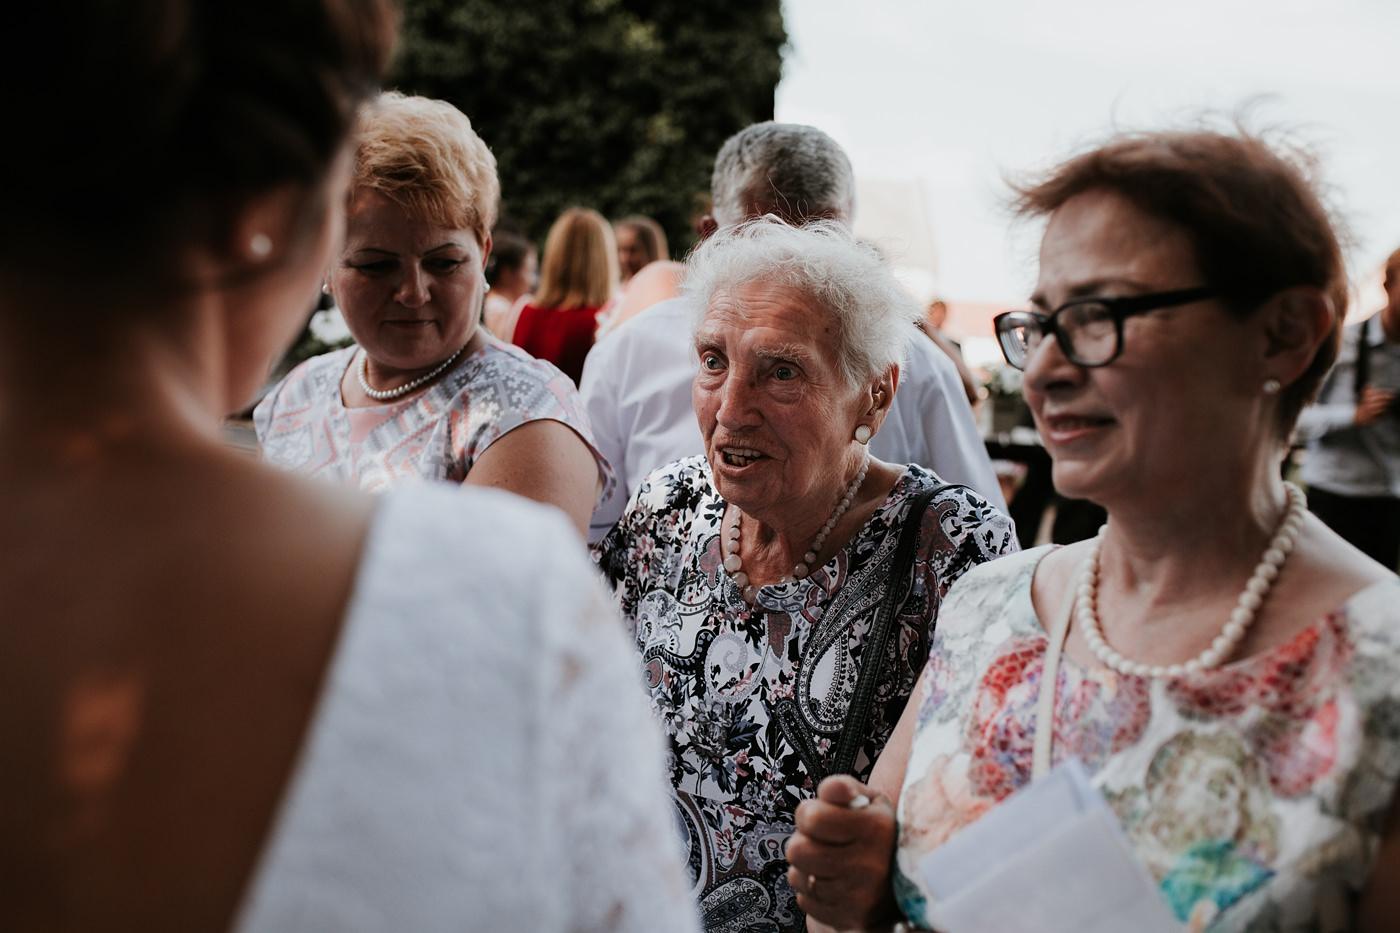 Dominika & Aleksander - Rustykalne wesele w stodole - Baborówko 89